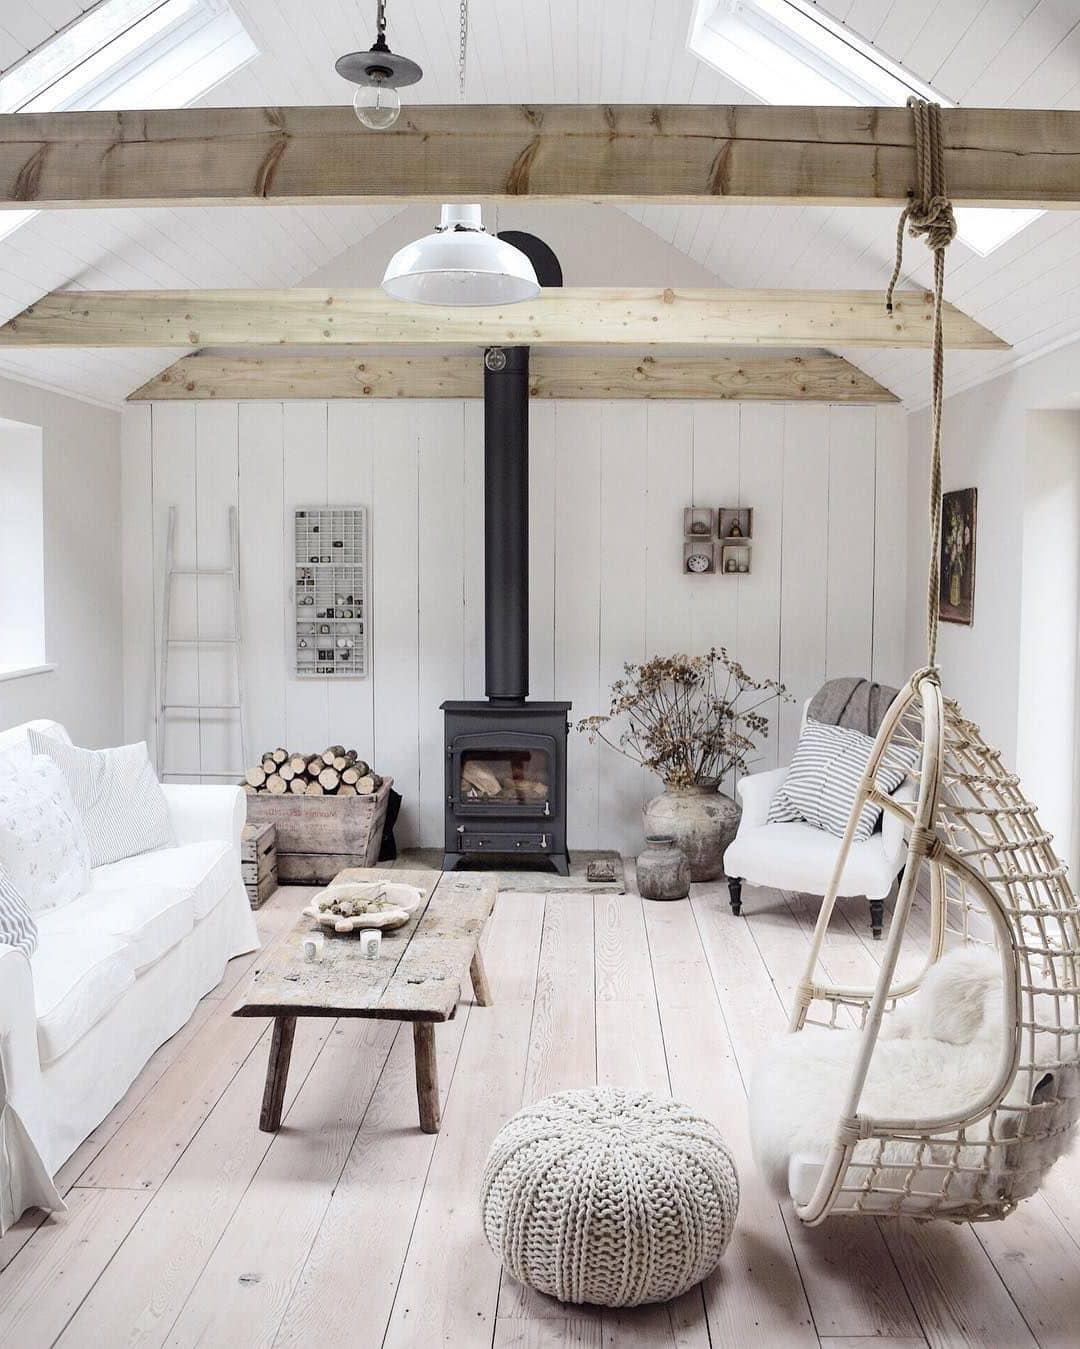 В скандинавском дизайне, мебель из натуральных материалов и элементы декора из древесных пород, должны хорошо сочетаться, взаимно дополняя друг друга